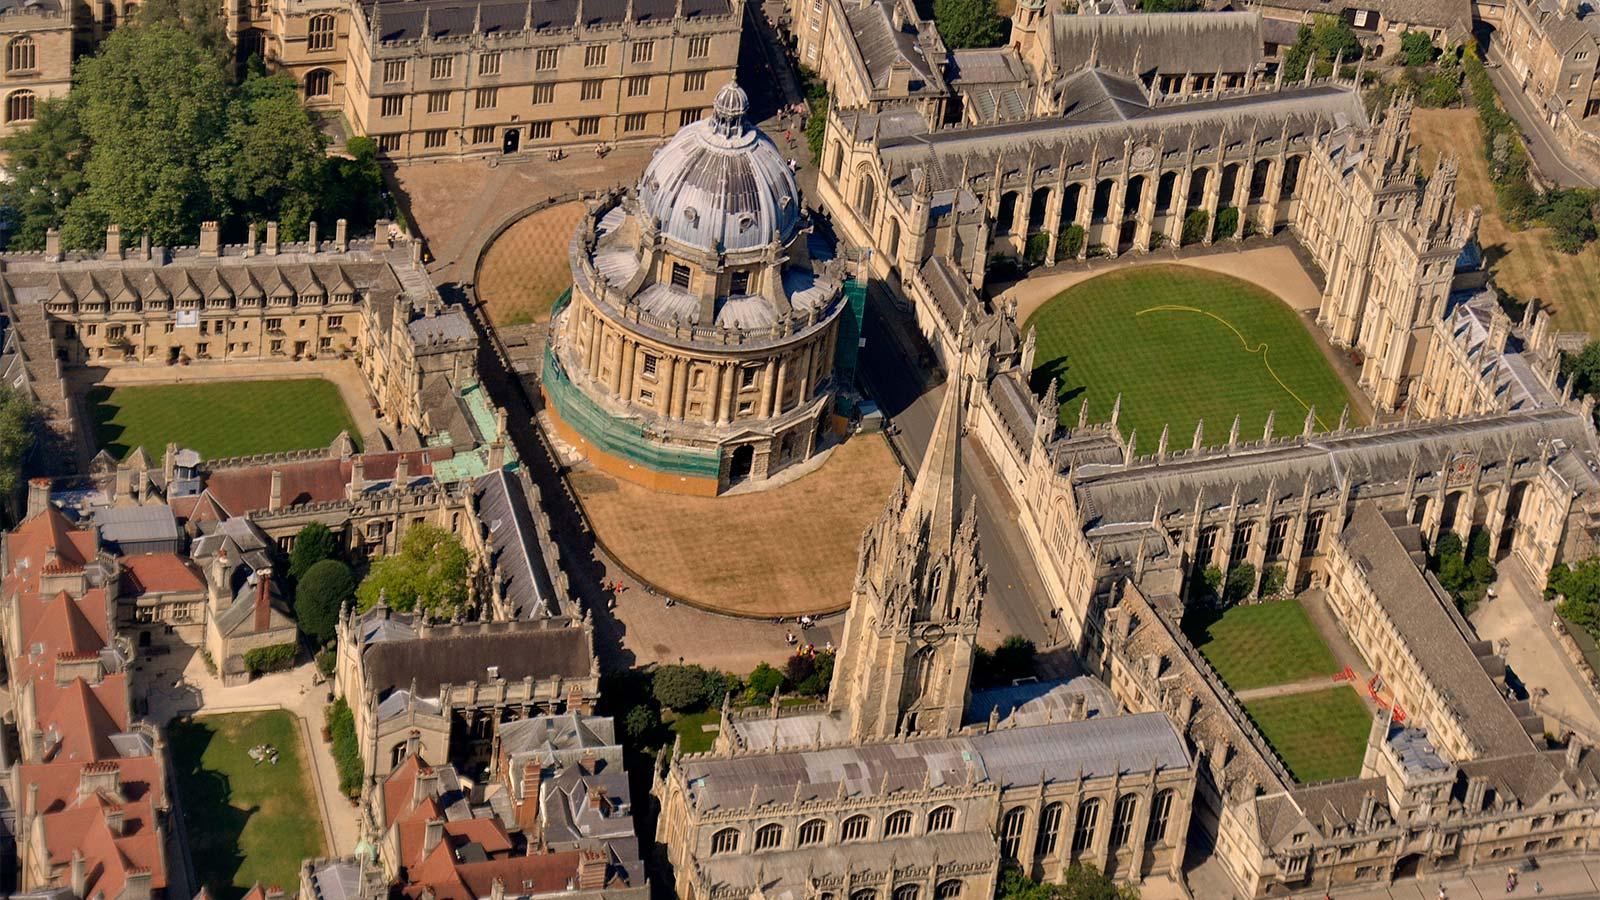 تصویری از دانشگاه آکسفورد